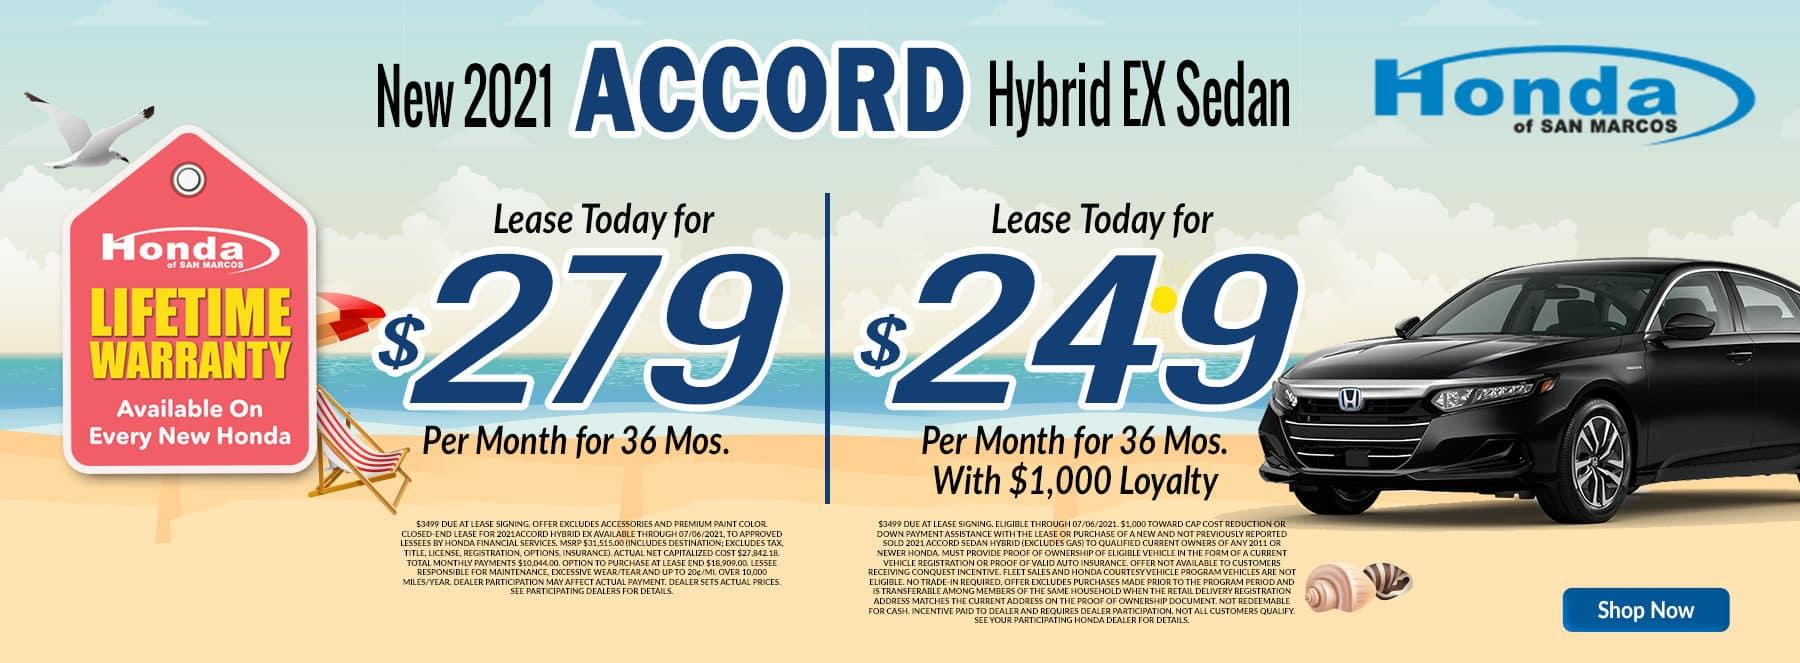 2021 Accord Hybrid Lease Loyalty